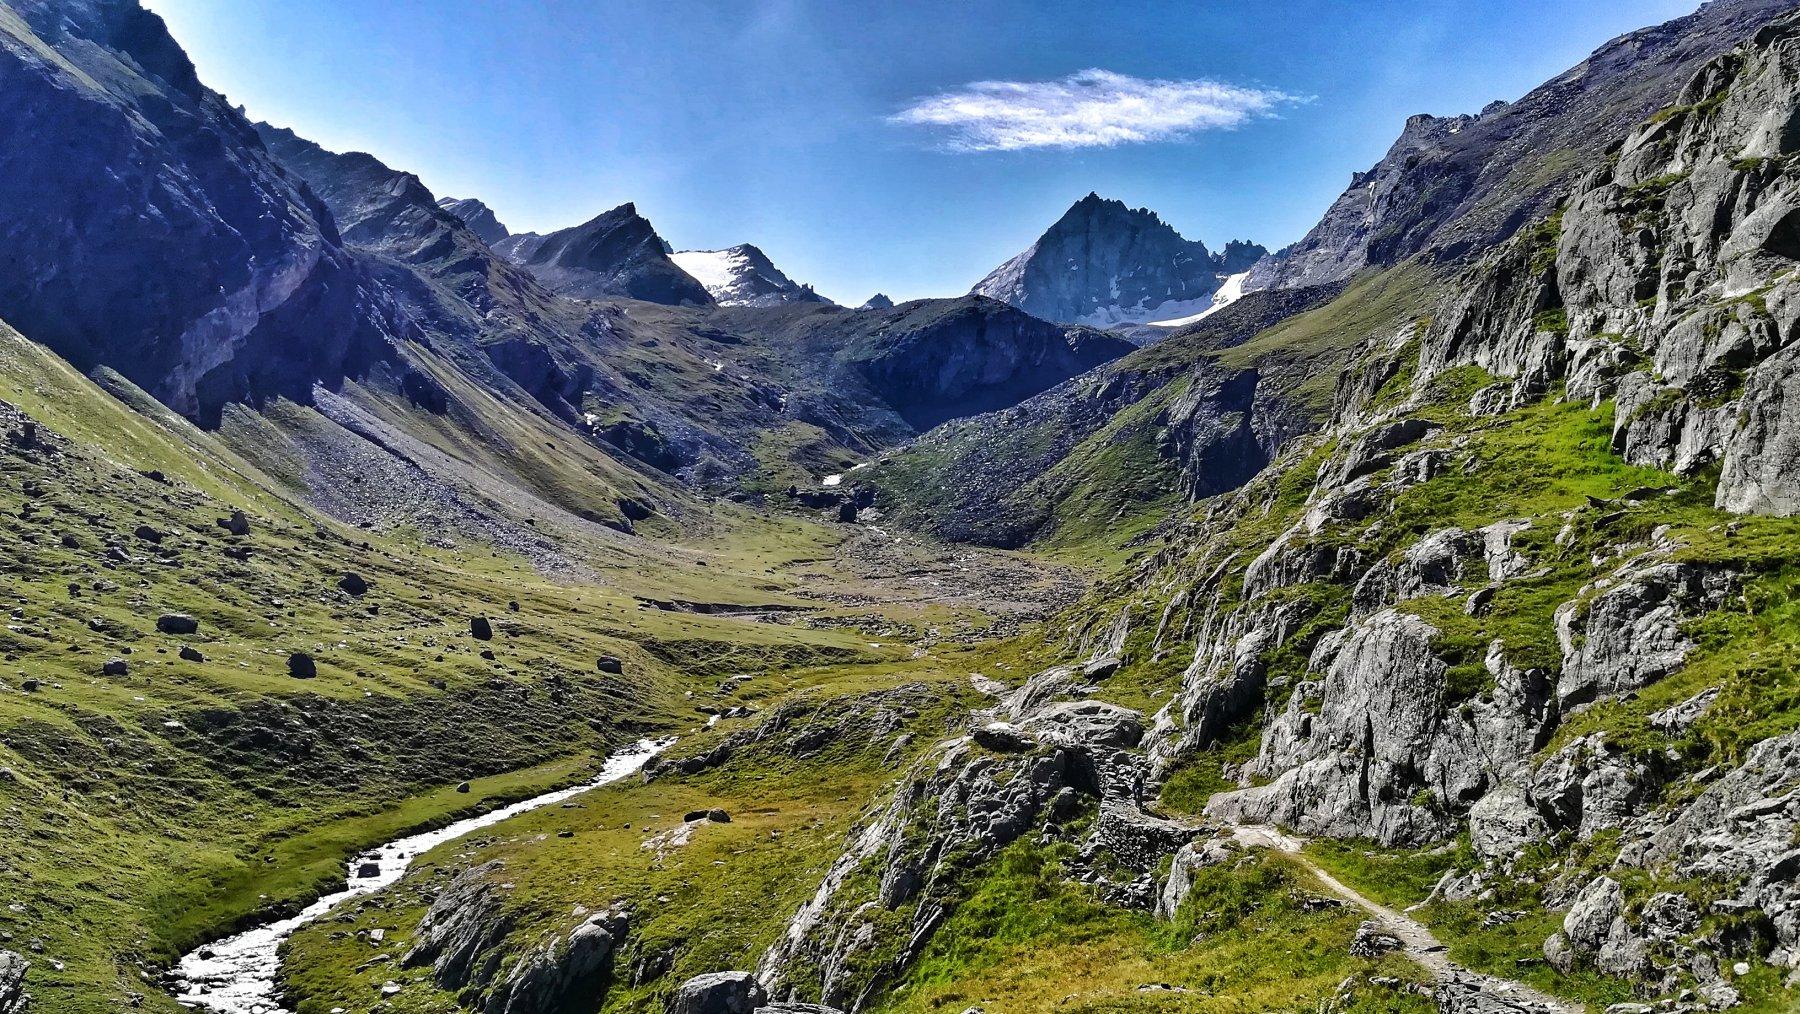 Il vallone che dall'alpe Levionaz conduce al col Loson